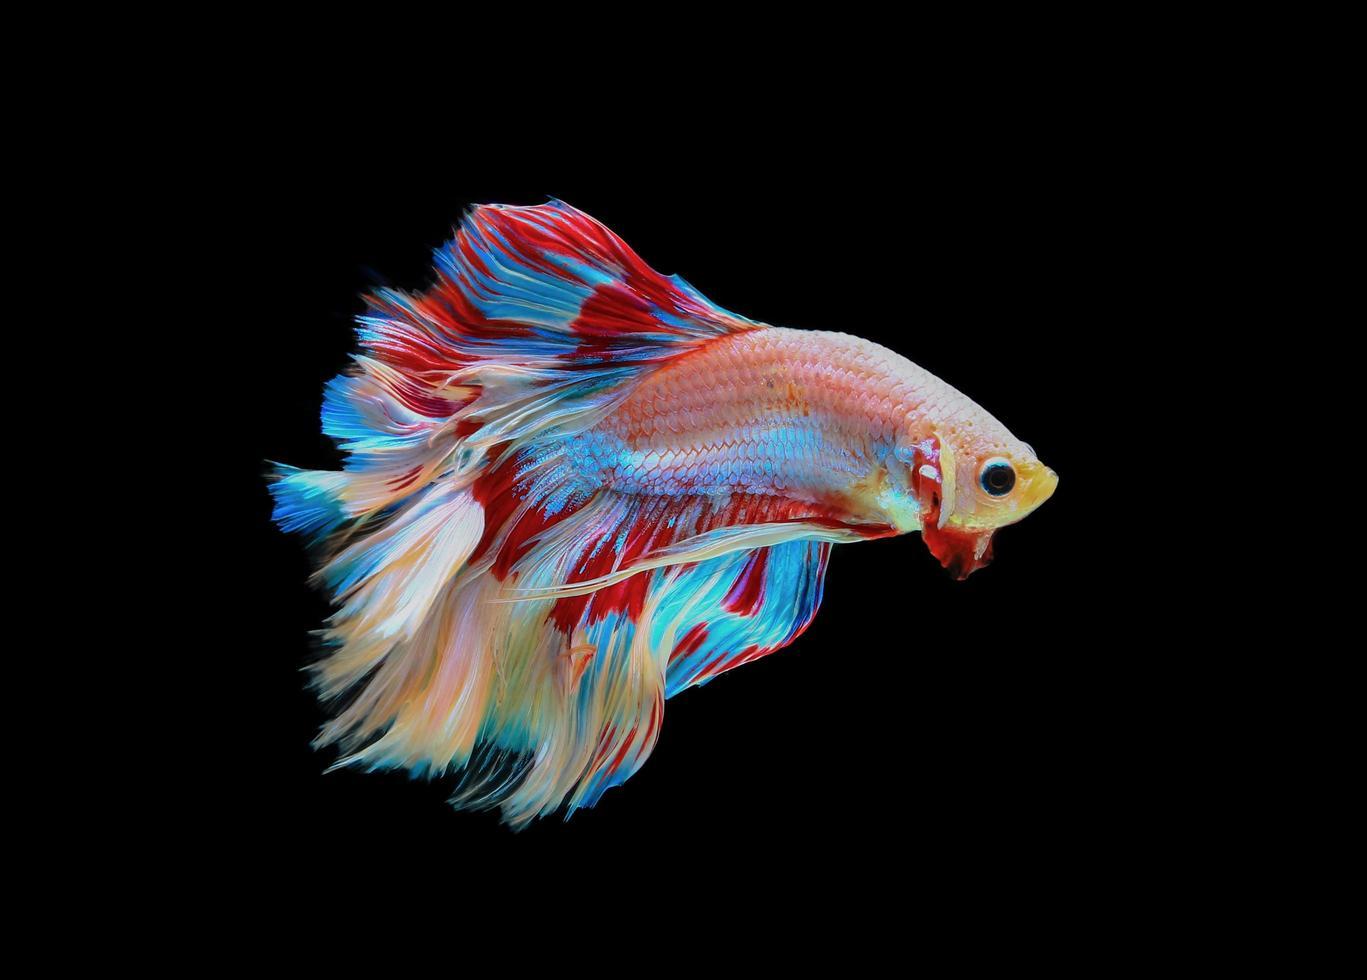 närbild av en färgglad betafisk foto